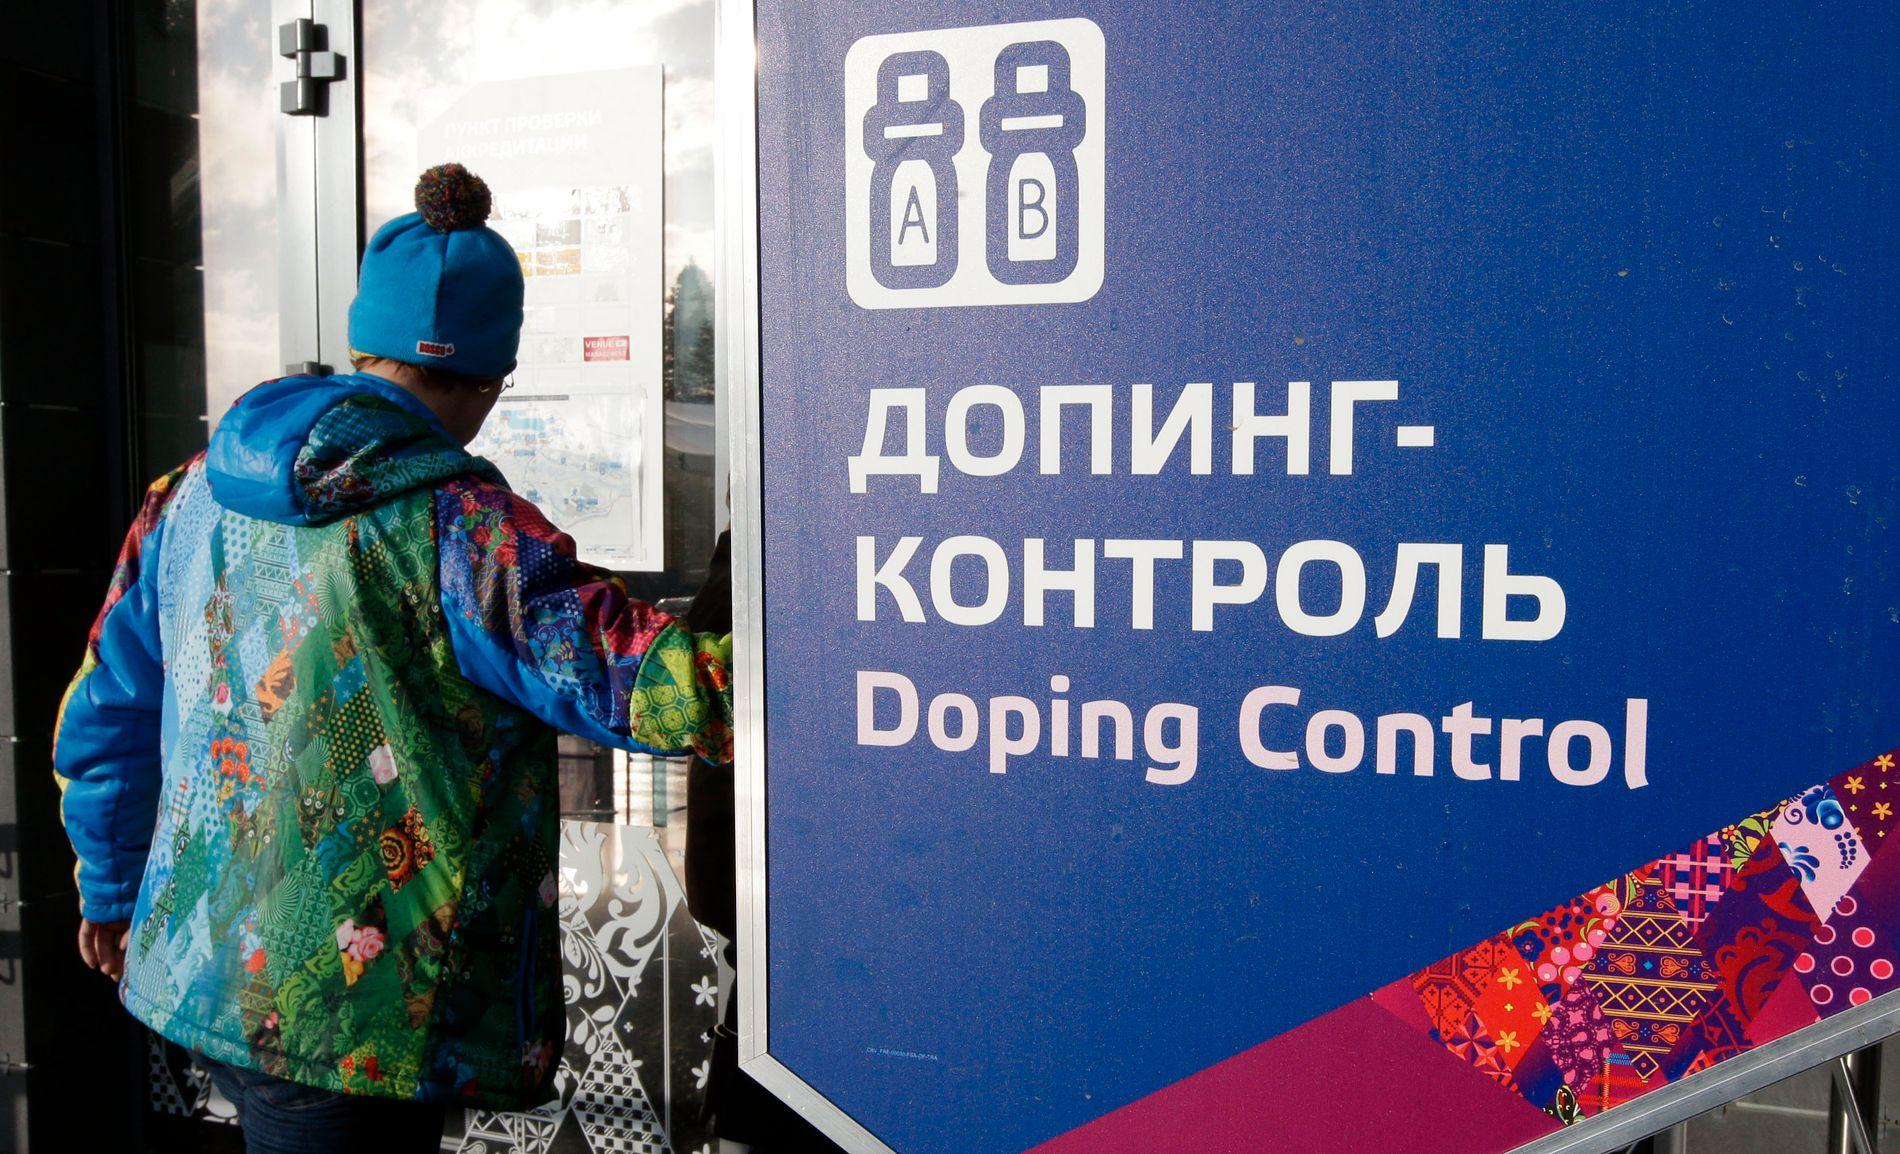 ANTIDOPINGARBEID: Ifølge varsleren skal russiske sikkerhetstjenester gjort sitt for å ha full kontroll over antidopingarbeidet i Sotsji-OL.